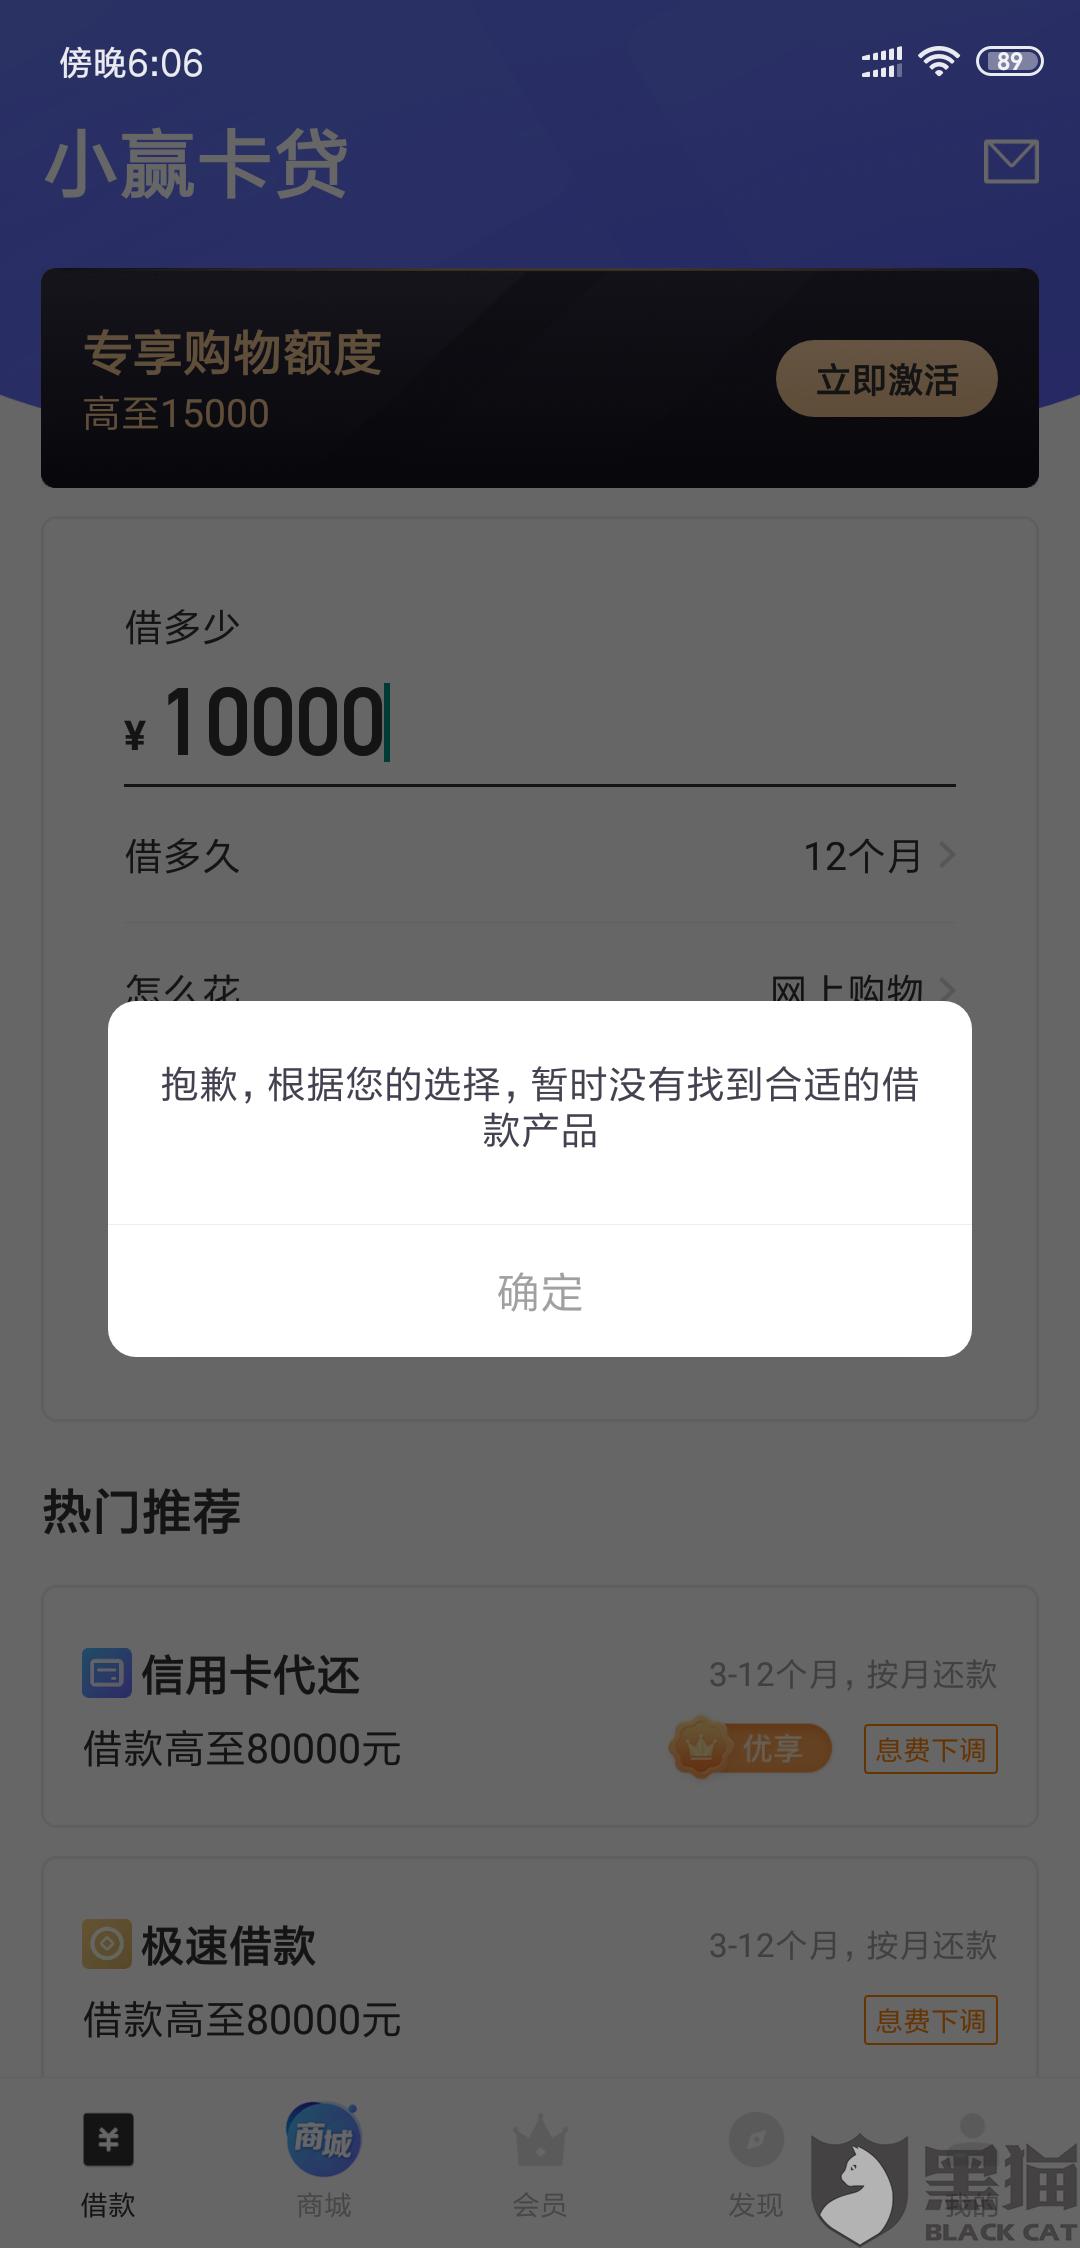 黑猫投诉:钱淘旺卡解决了消费者投诉